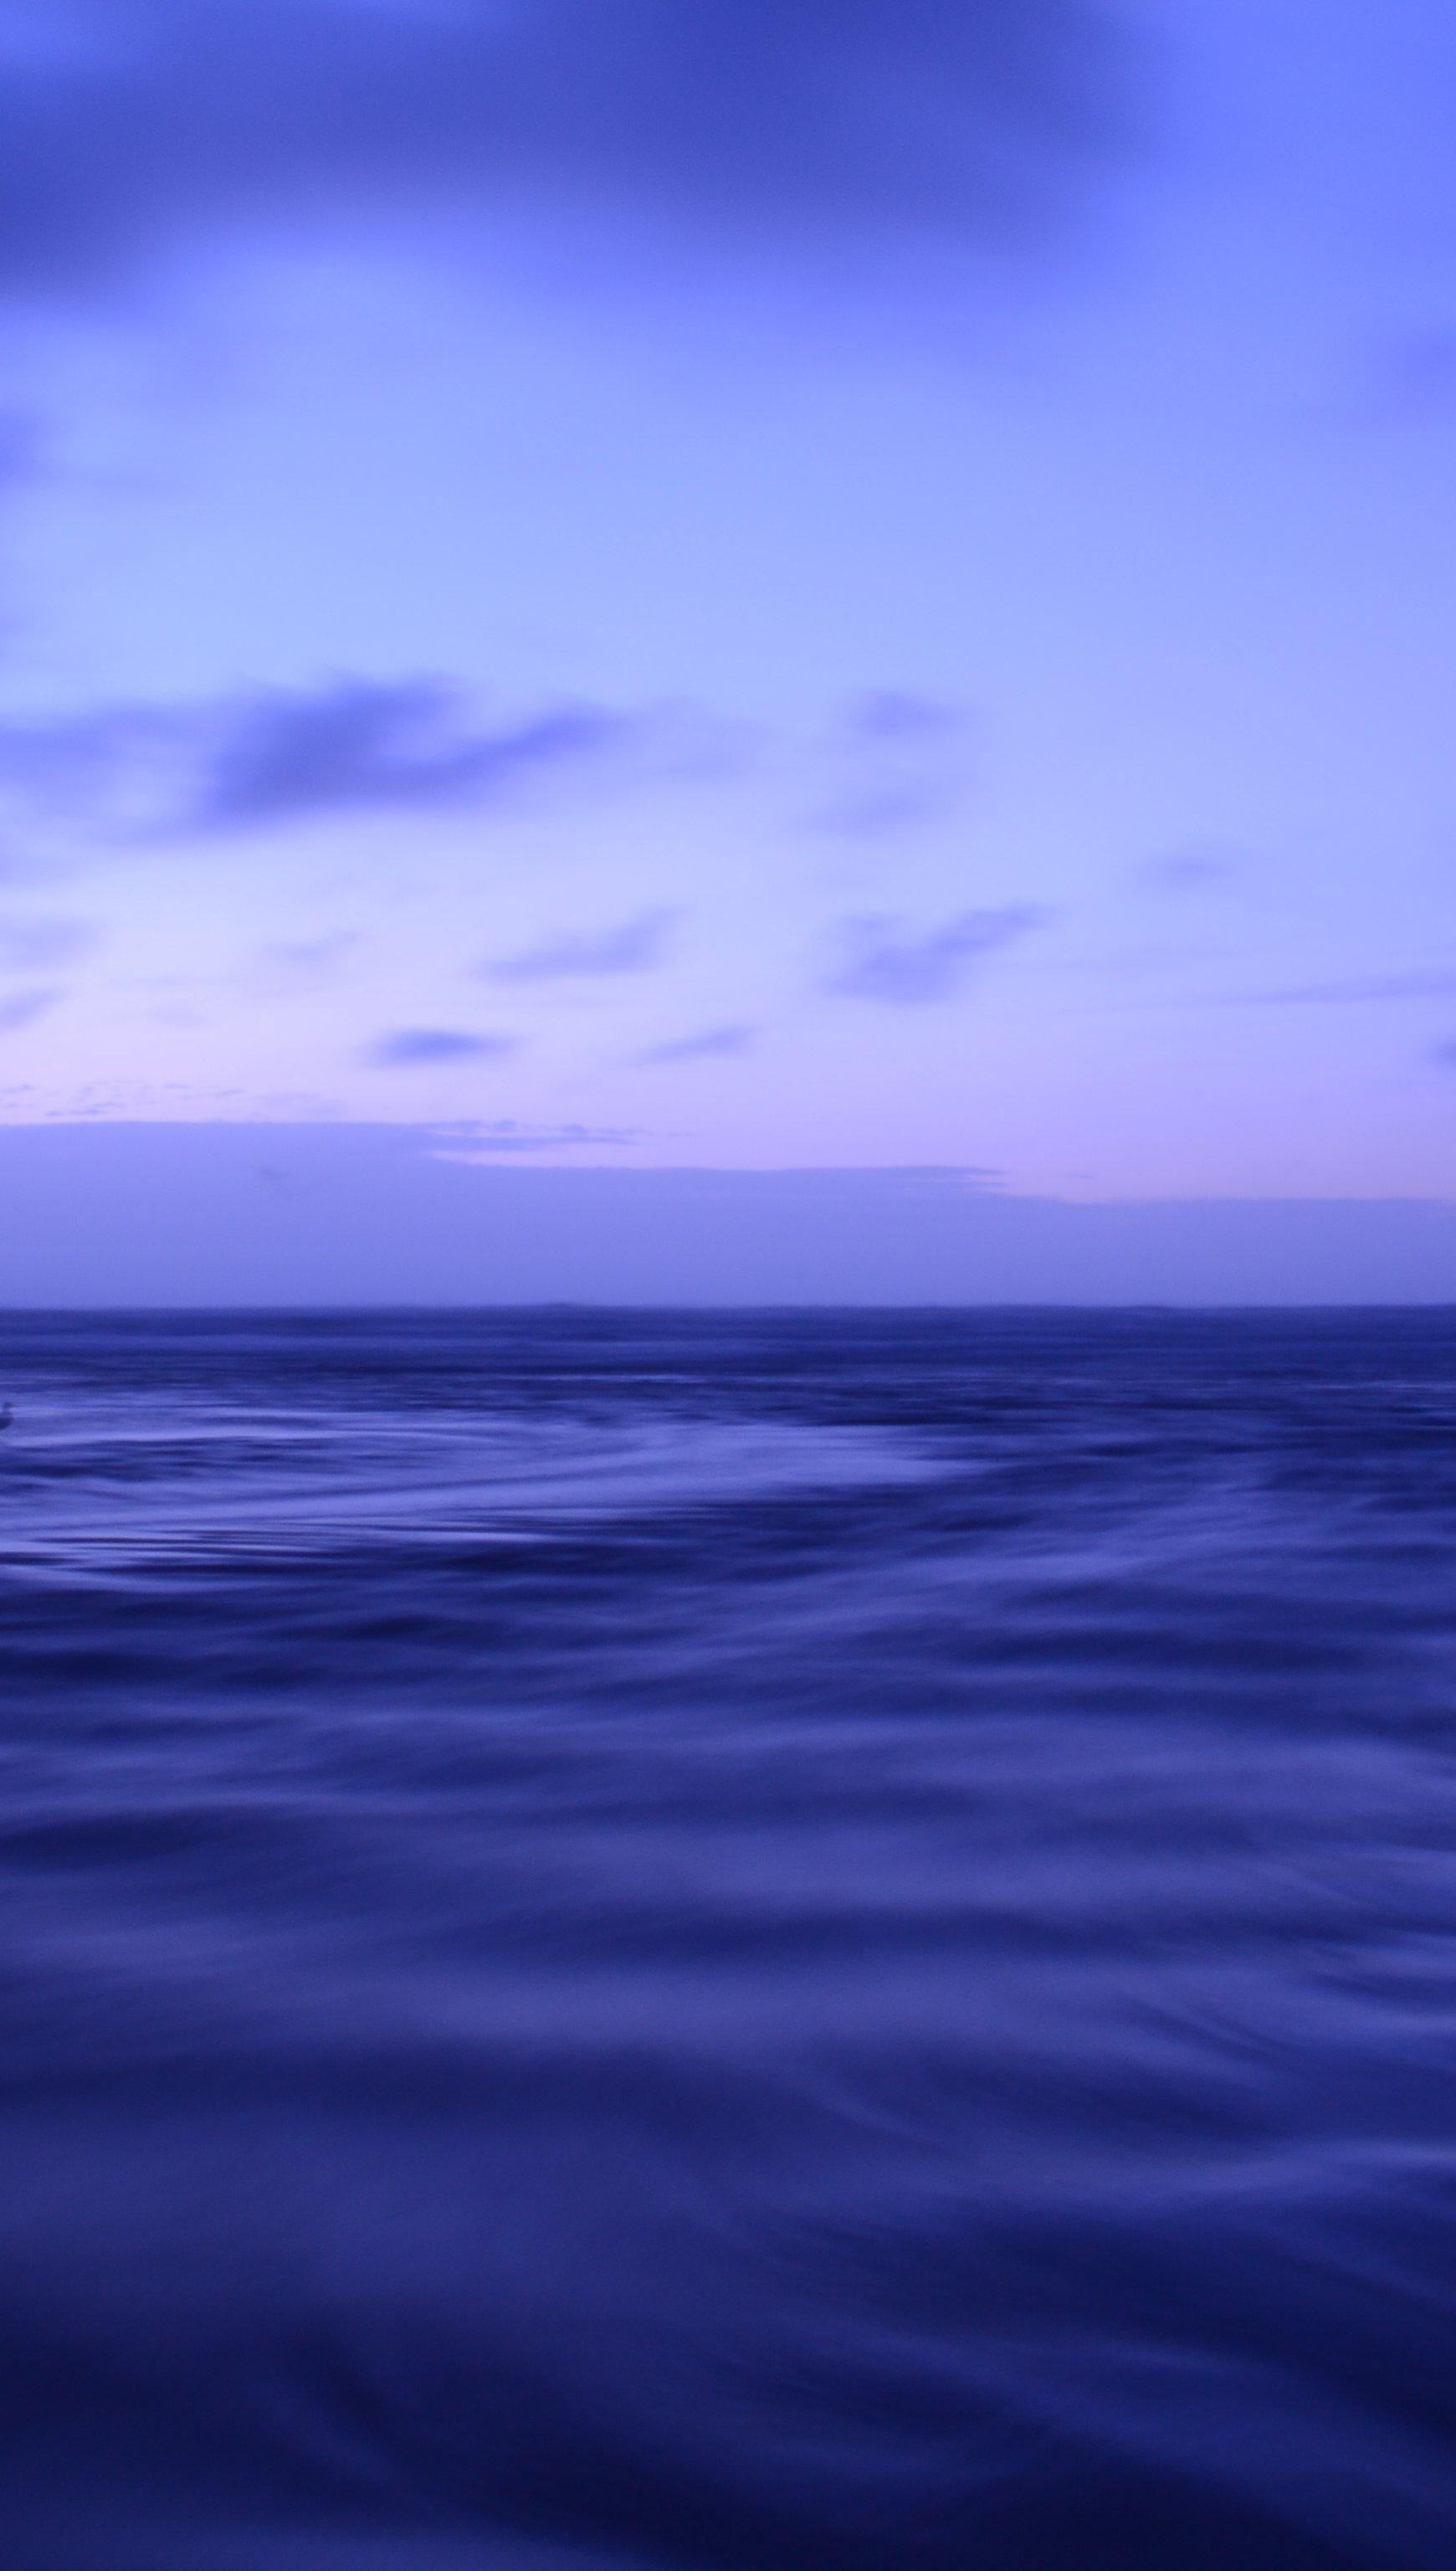 Fondos de pantalla Océano al anochecer morado Vertical